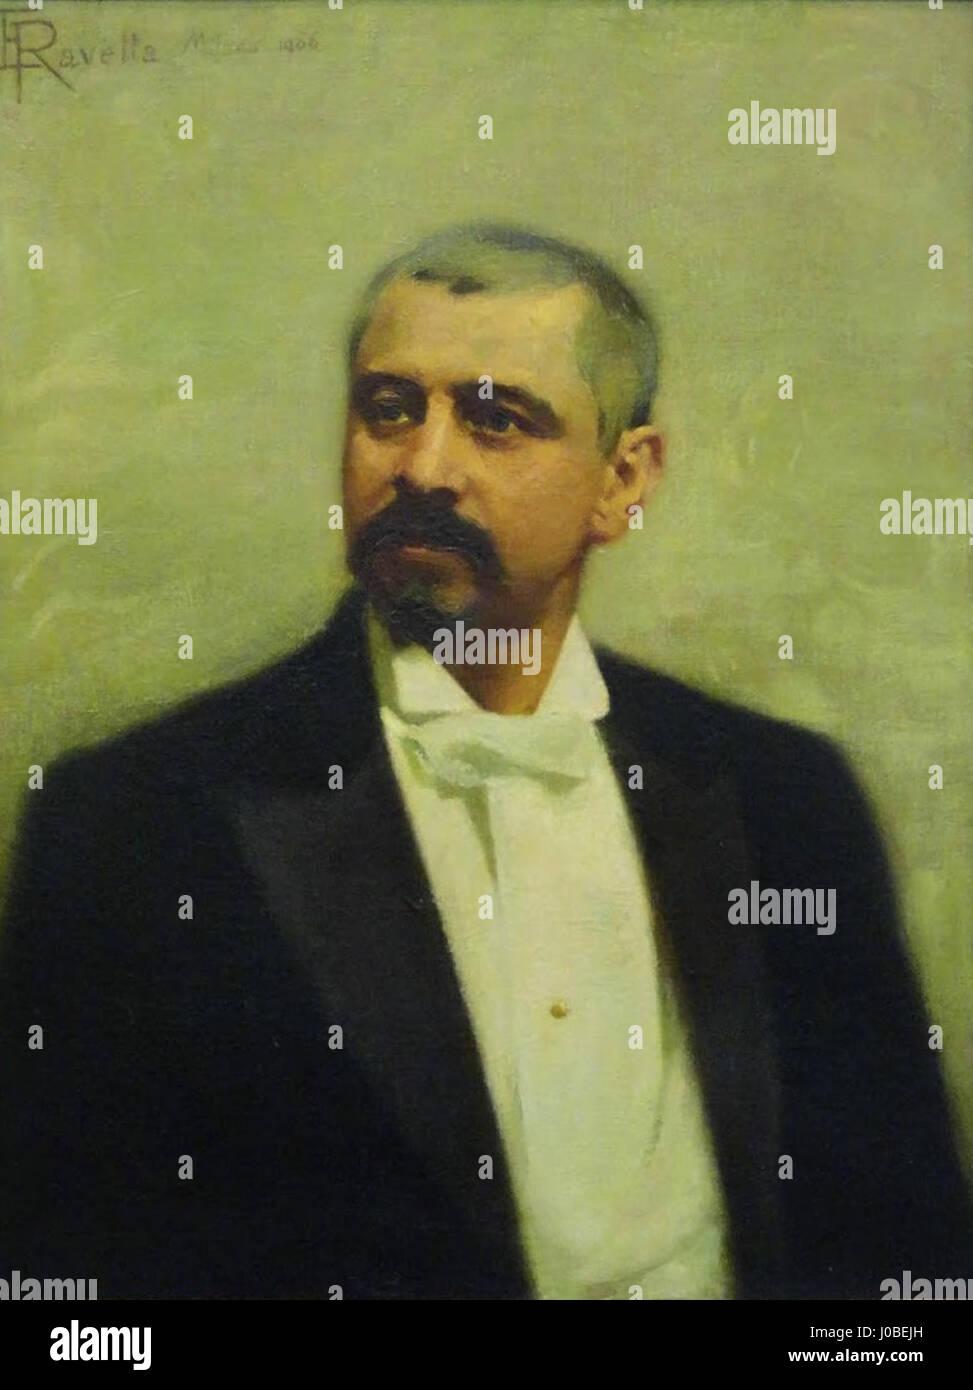 Enrico Ravetta - Retrato de Júlio de Castilhos Foto de stock